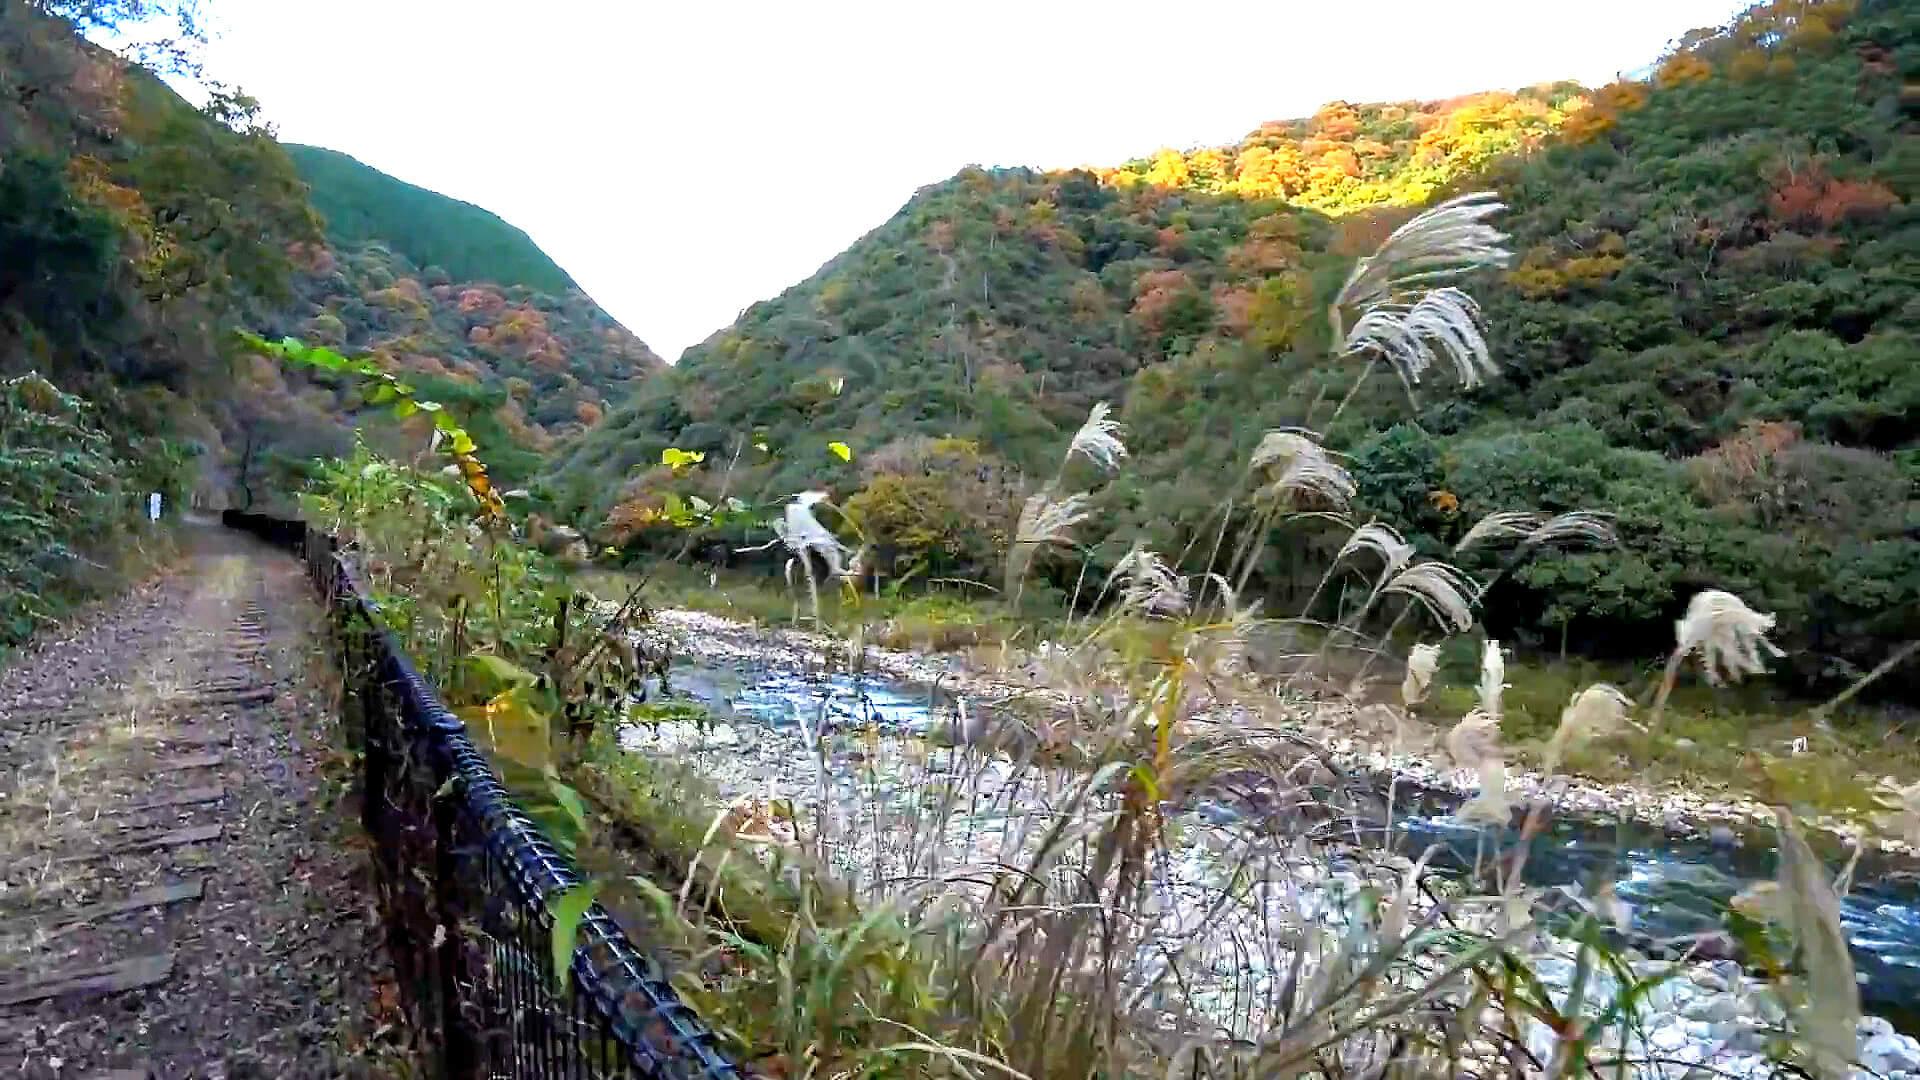 武田尾廃線敷の北山第1トンネルを通過し北山第2トンネルへ向かう